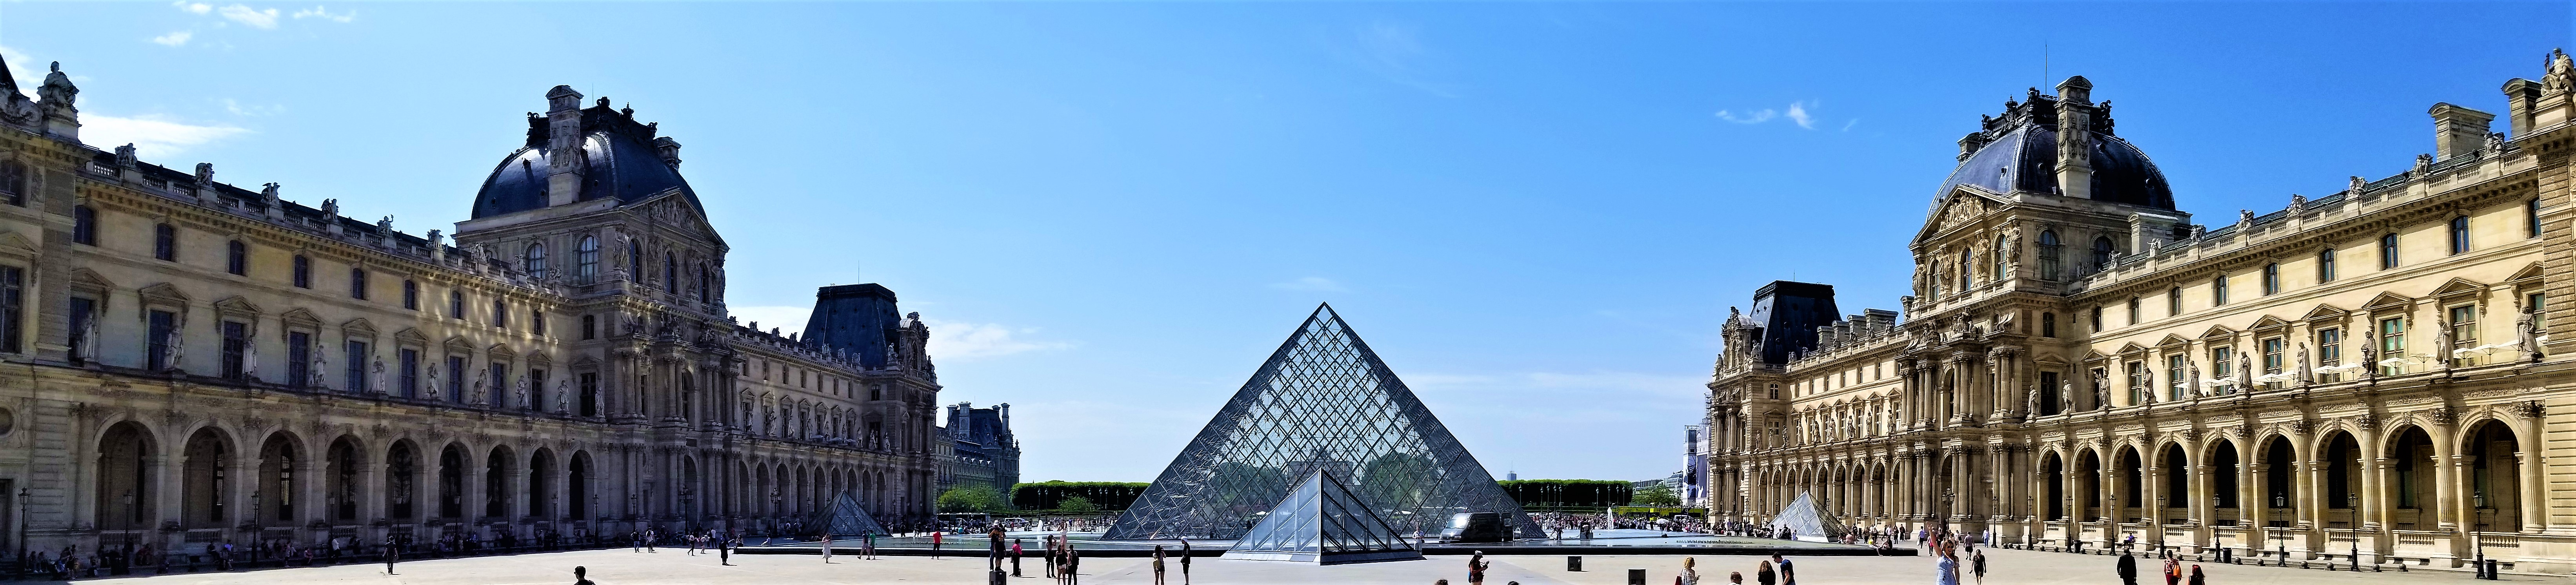 Louvre Pyramid Pano